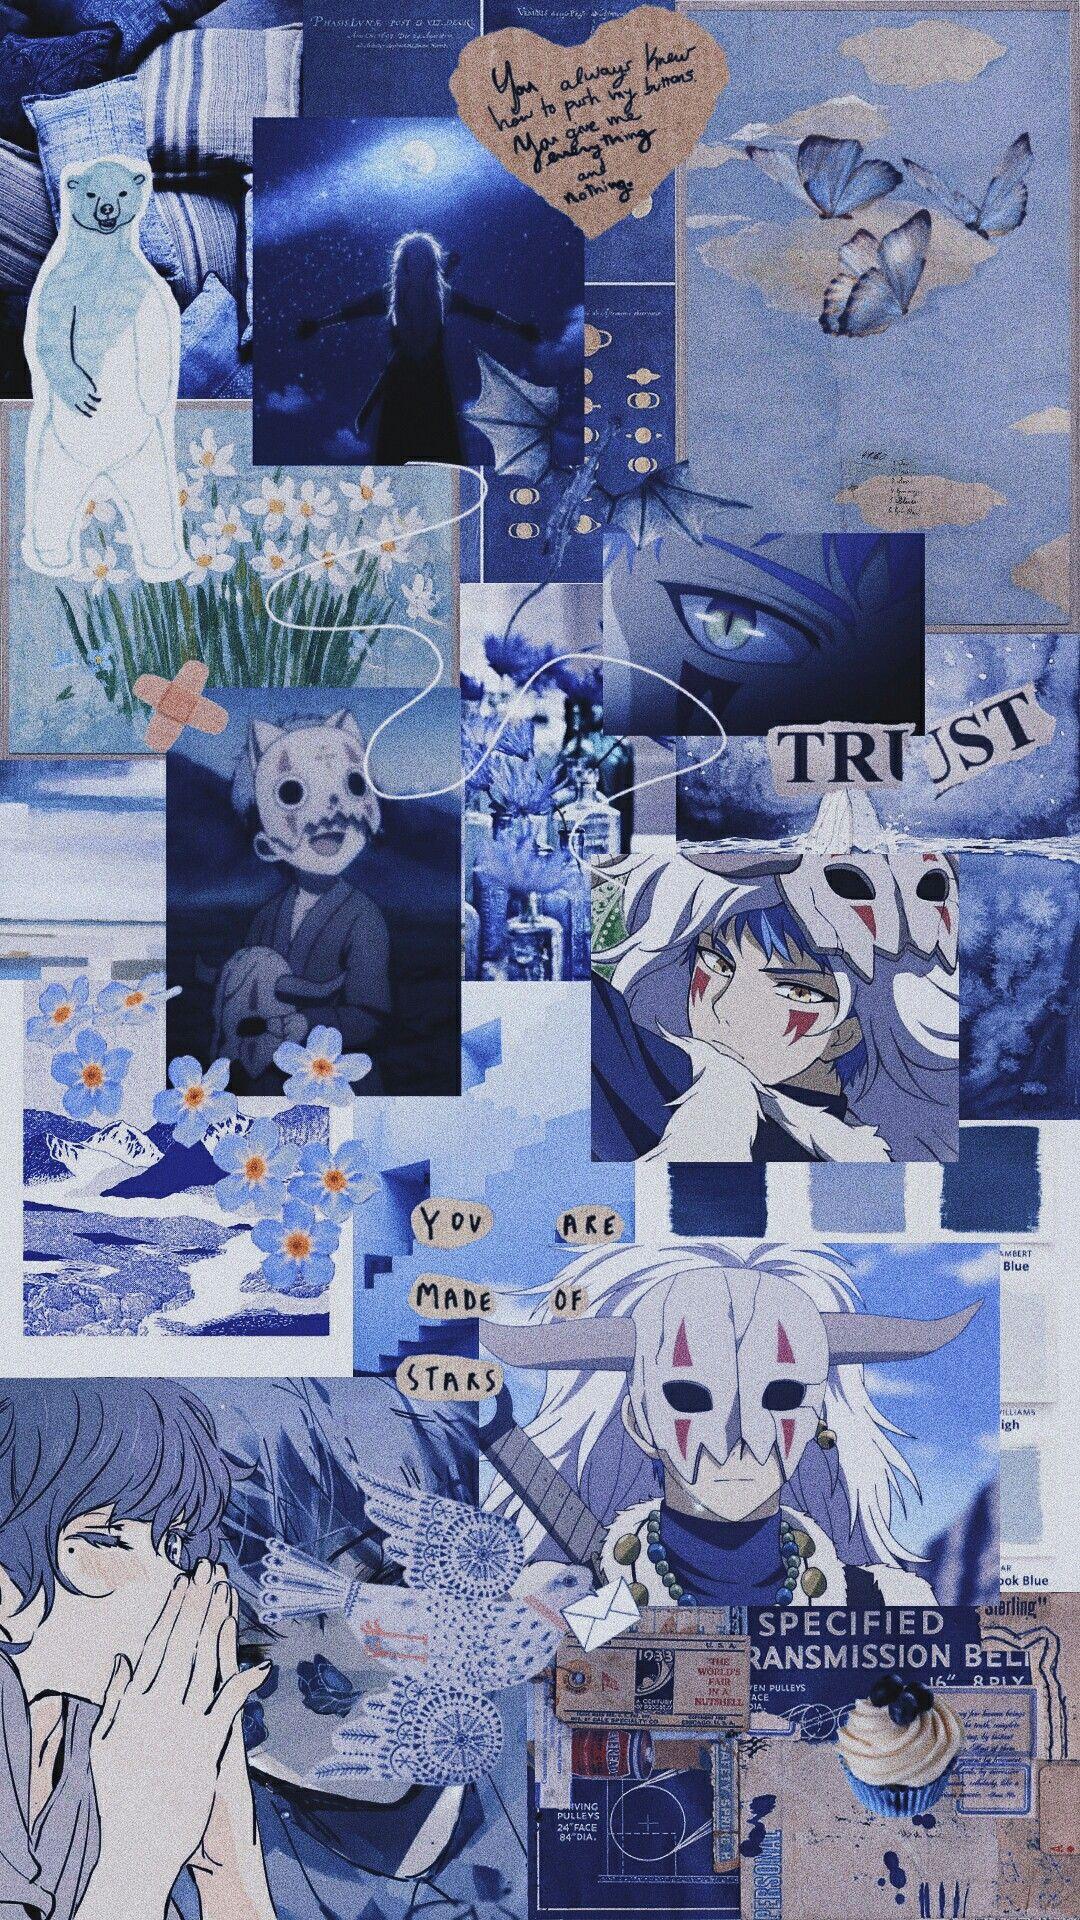 Pin By Shazatul Husna On Anime Lockscreen Anime Wallpaper Iphone Anime Wallpaper Cute Anime Wallpaper